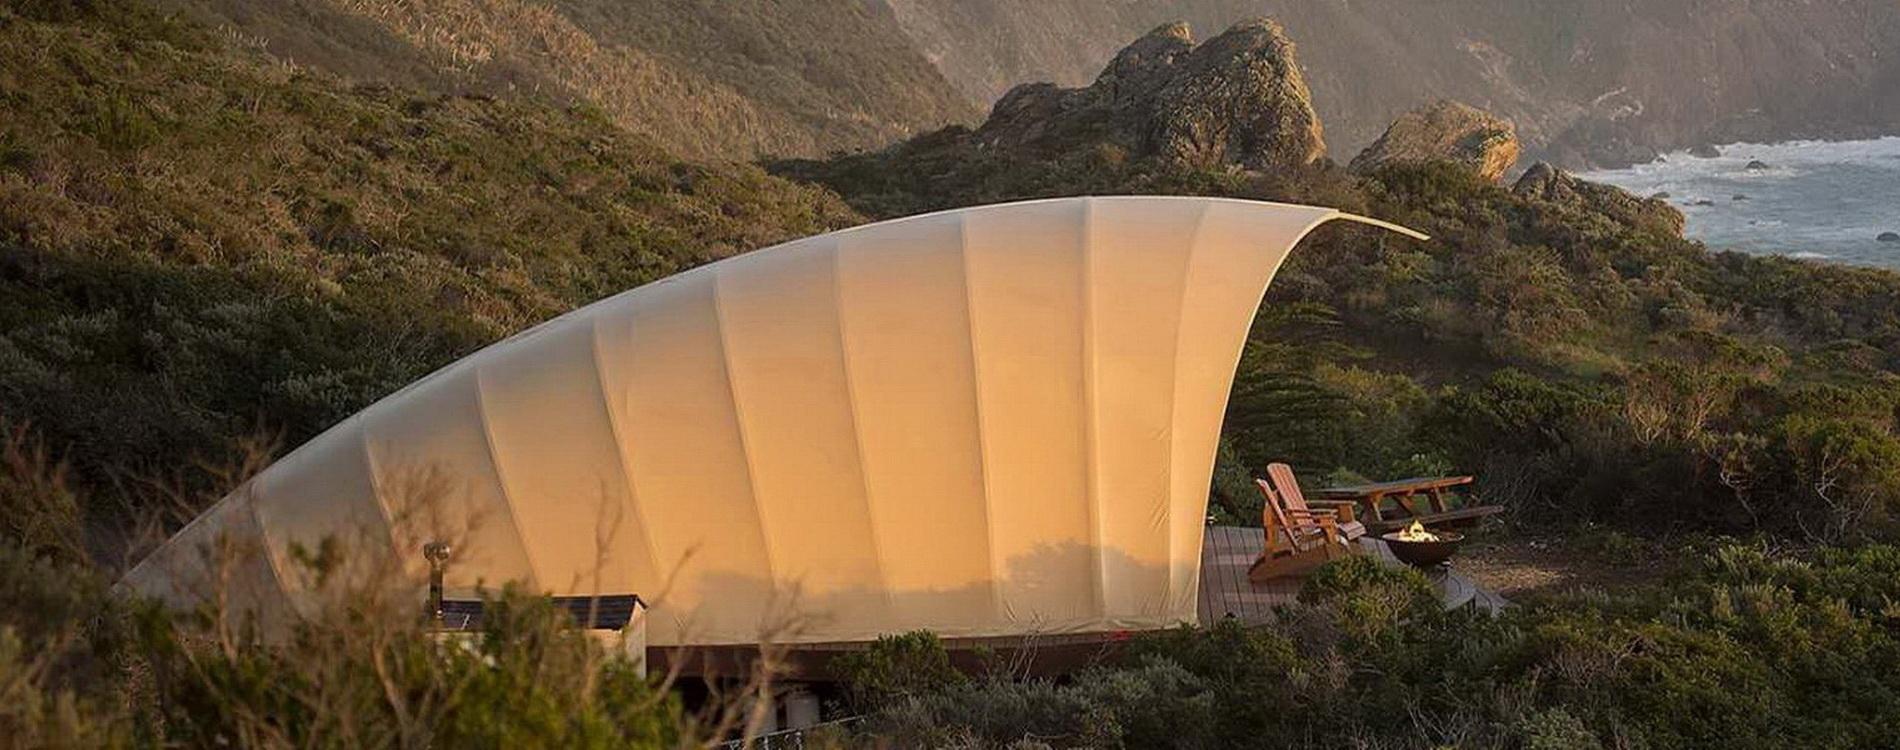 球形贝壳帐篷酒店